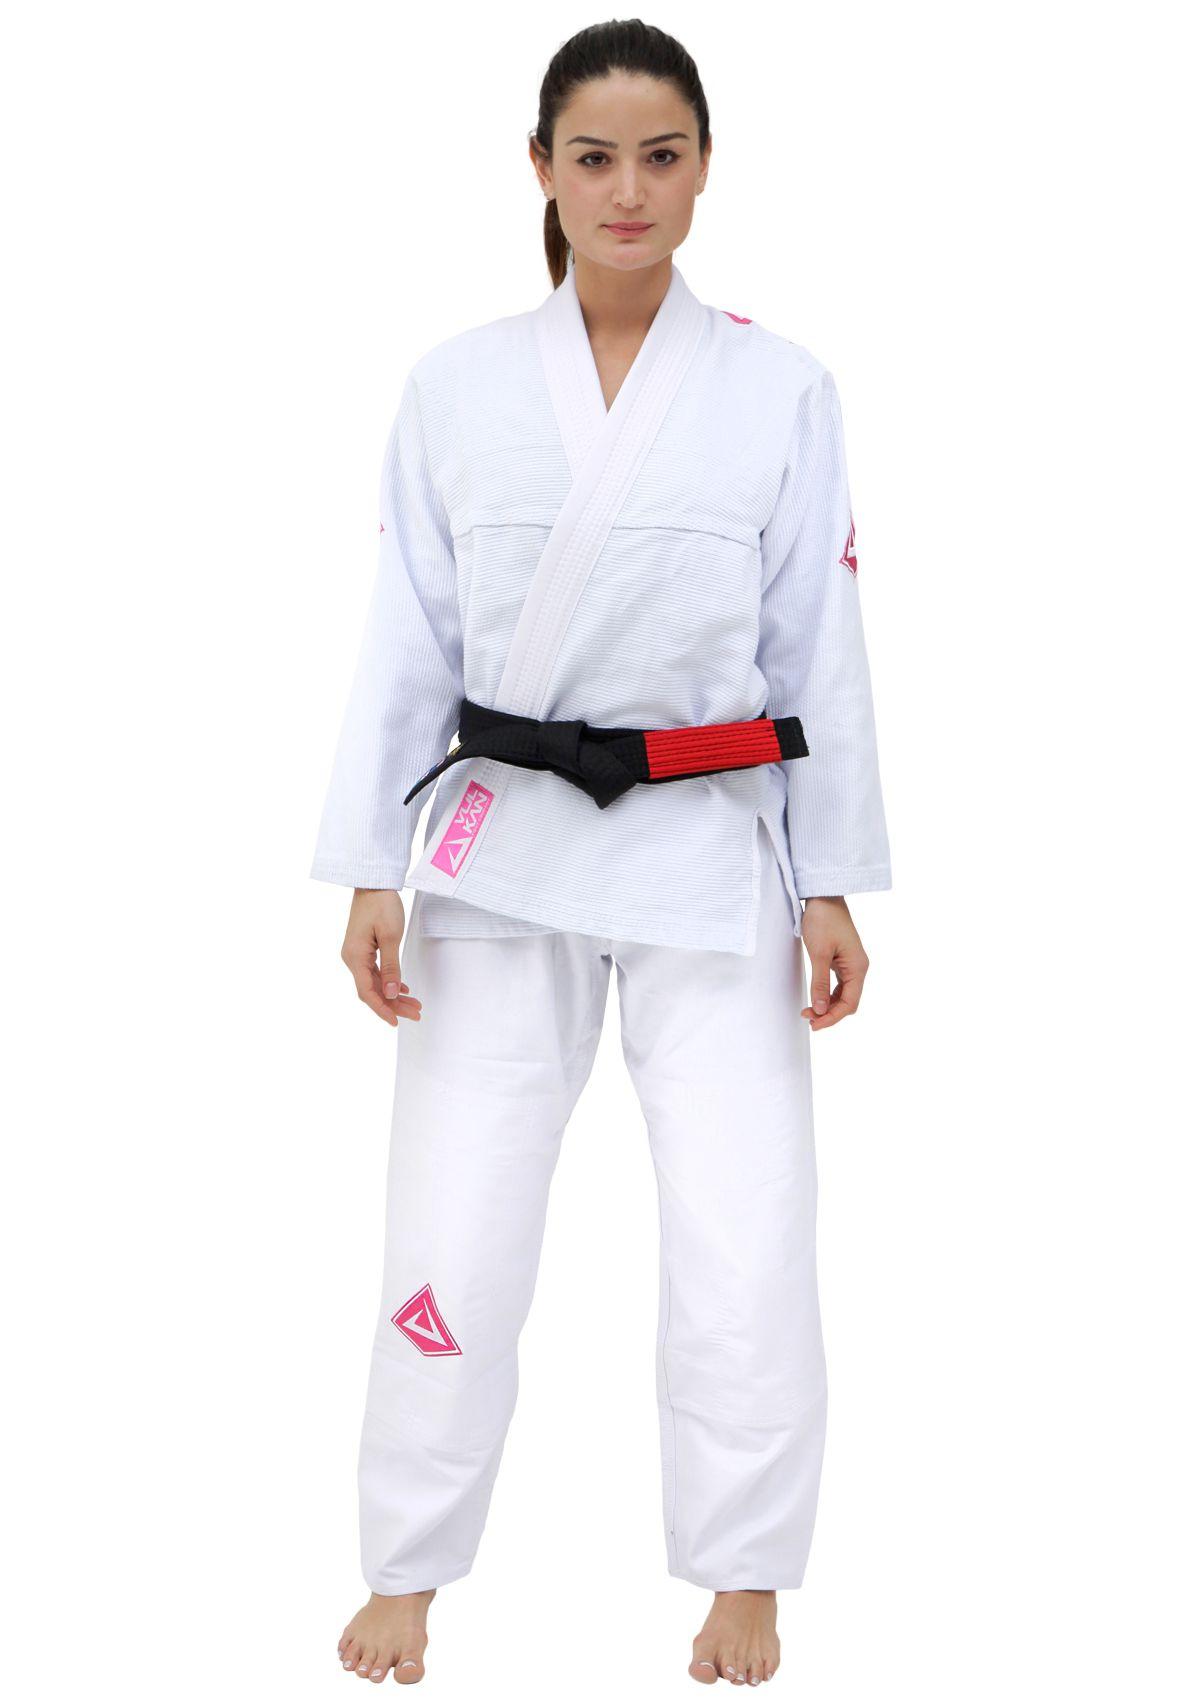 Kimono Vulkan Para Jiu-jitsu Profissional Adulto - VIPER PRO BRANCO FEMININO